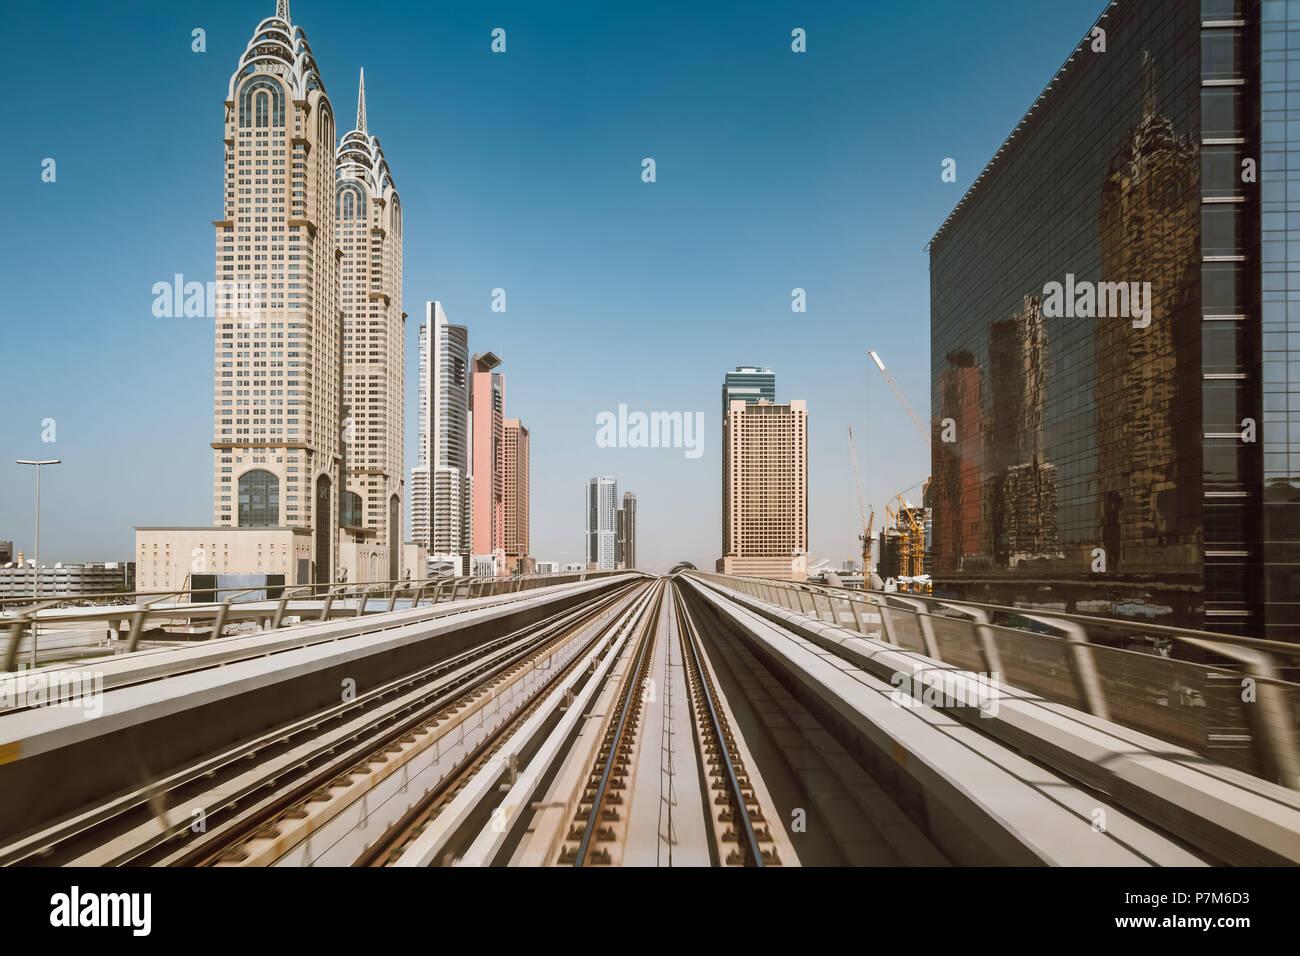 Metro tracks in Sheikh Zayed Road, Dubai, United Arab Emirates - Stock Image